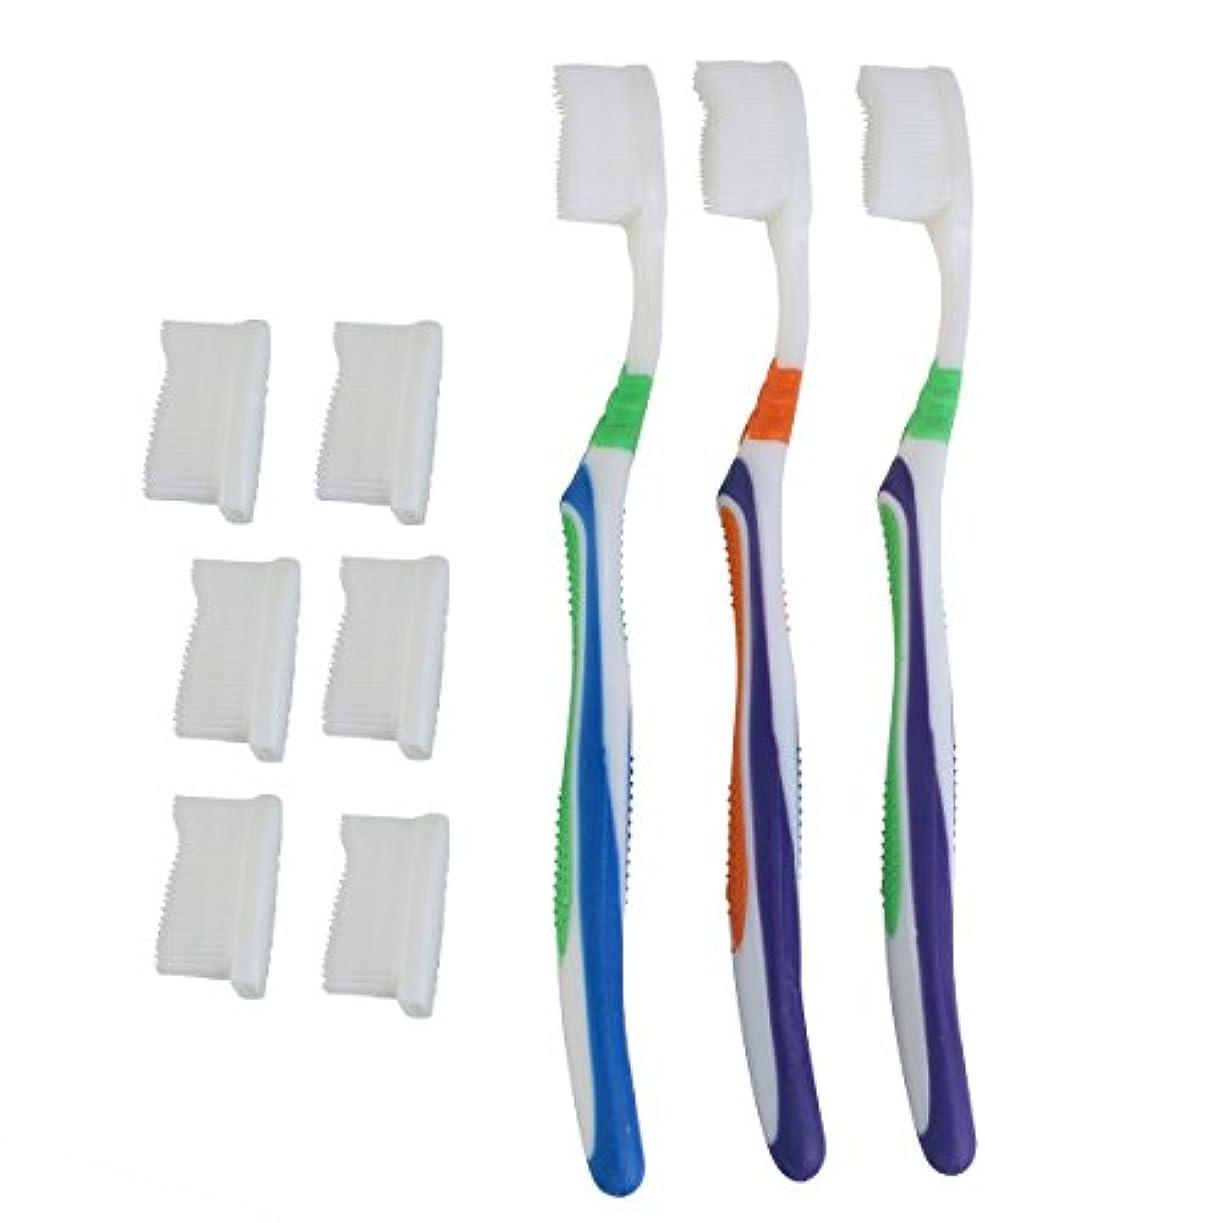 拡張振り向くルーTOPBATHY 子供と大人のための歯ブラシの頭の代わりとなる柔らかい歯ブラシ(ランダムカラー)